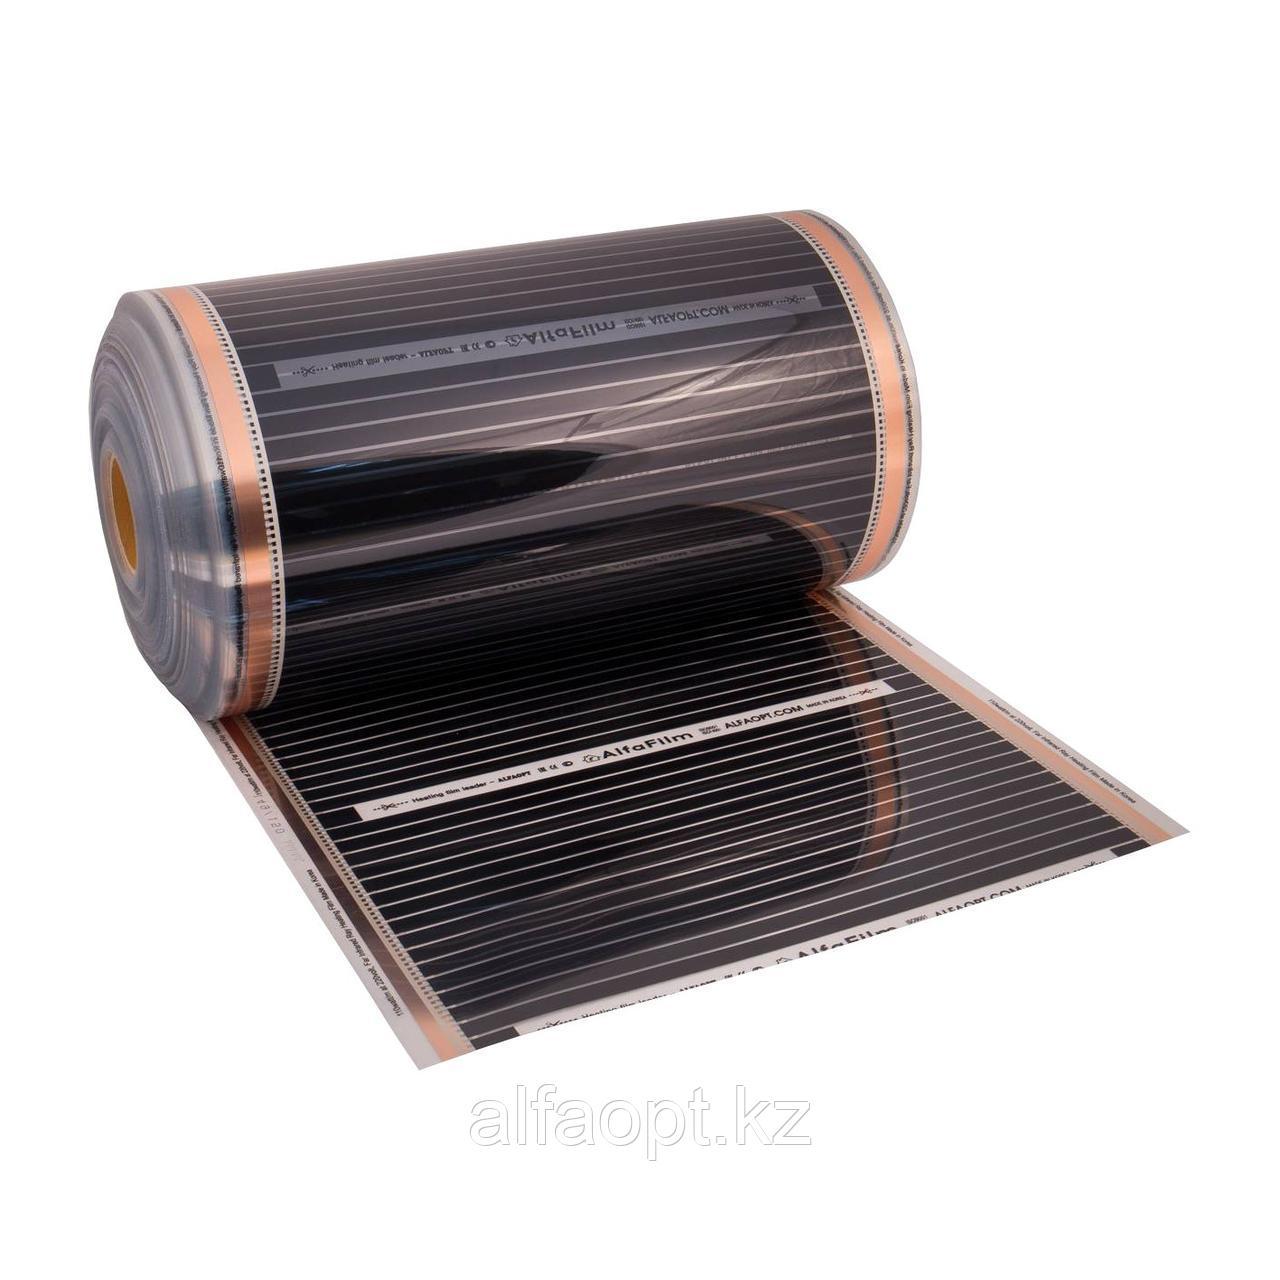 Инфракрасный теплый пол AlfaFilm FT-308 (ширина 0,8м)